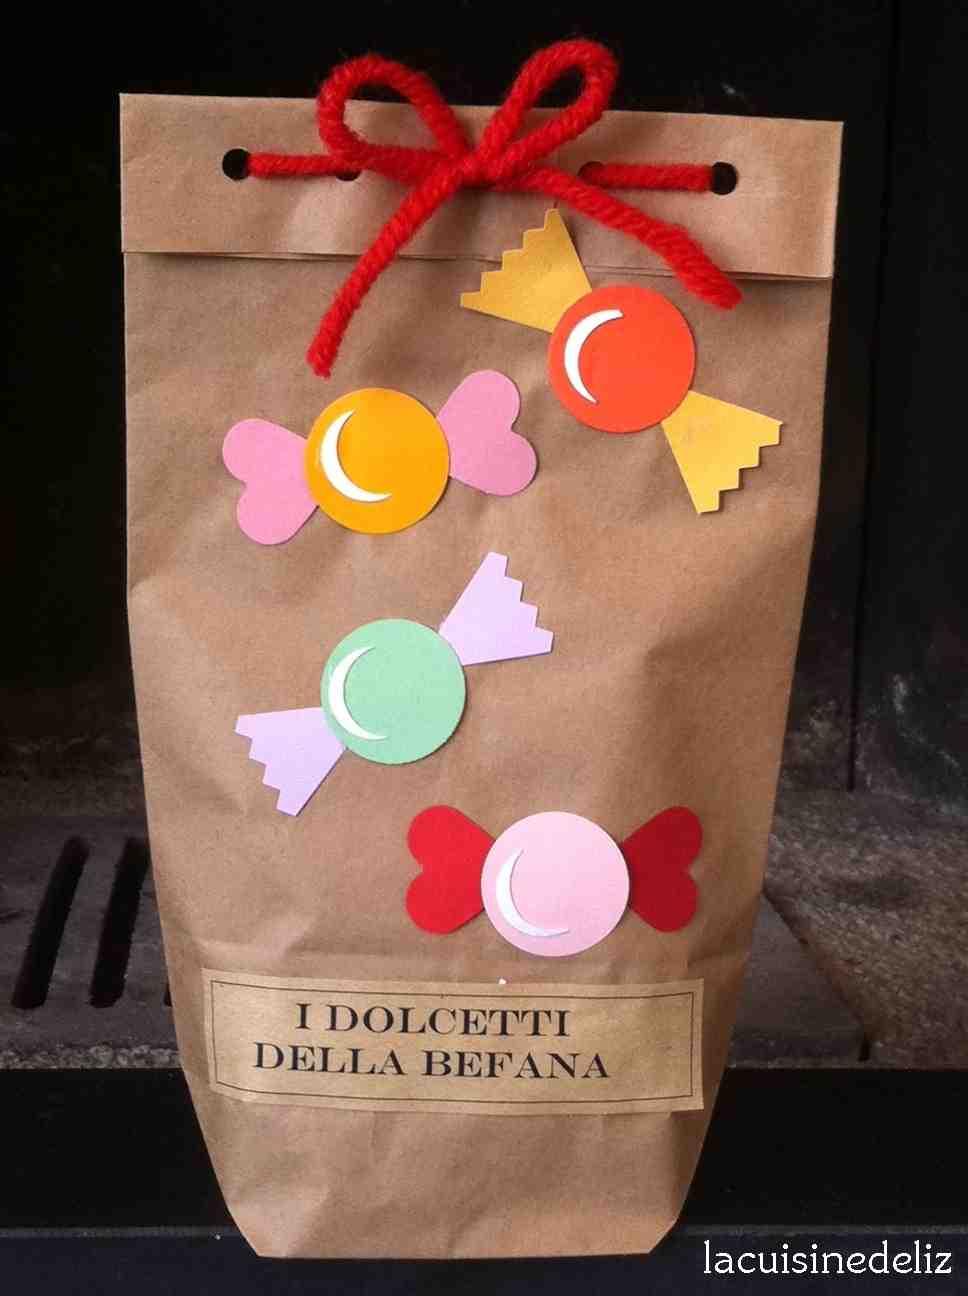 La classe della maestra valentina i dolcetti della befana for La classe della maestra